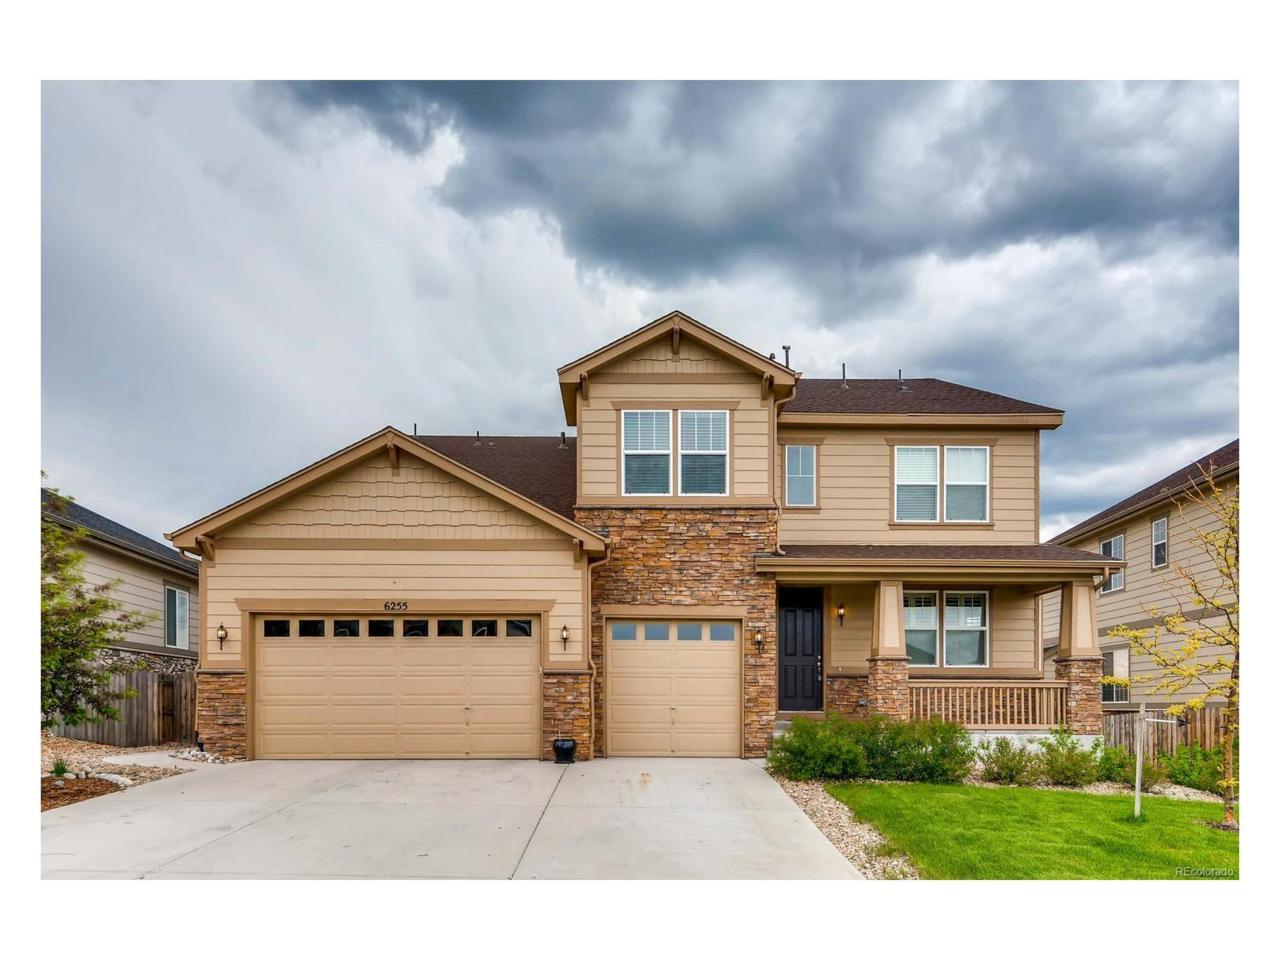 6255 S Ider Way, Aurora, CO 80016 (MLS #3026100) :: 8z Real Estate